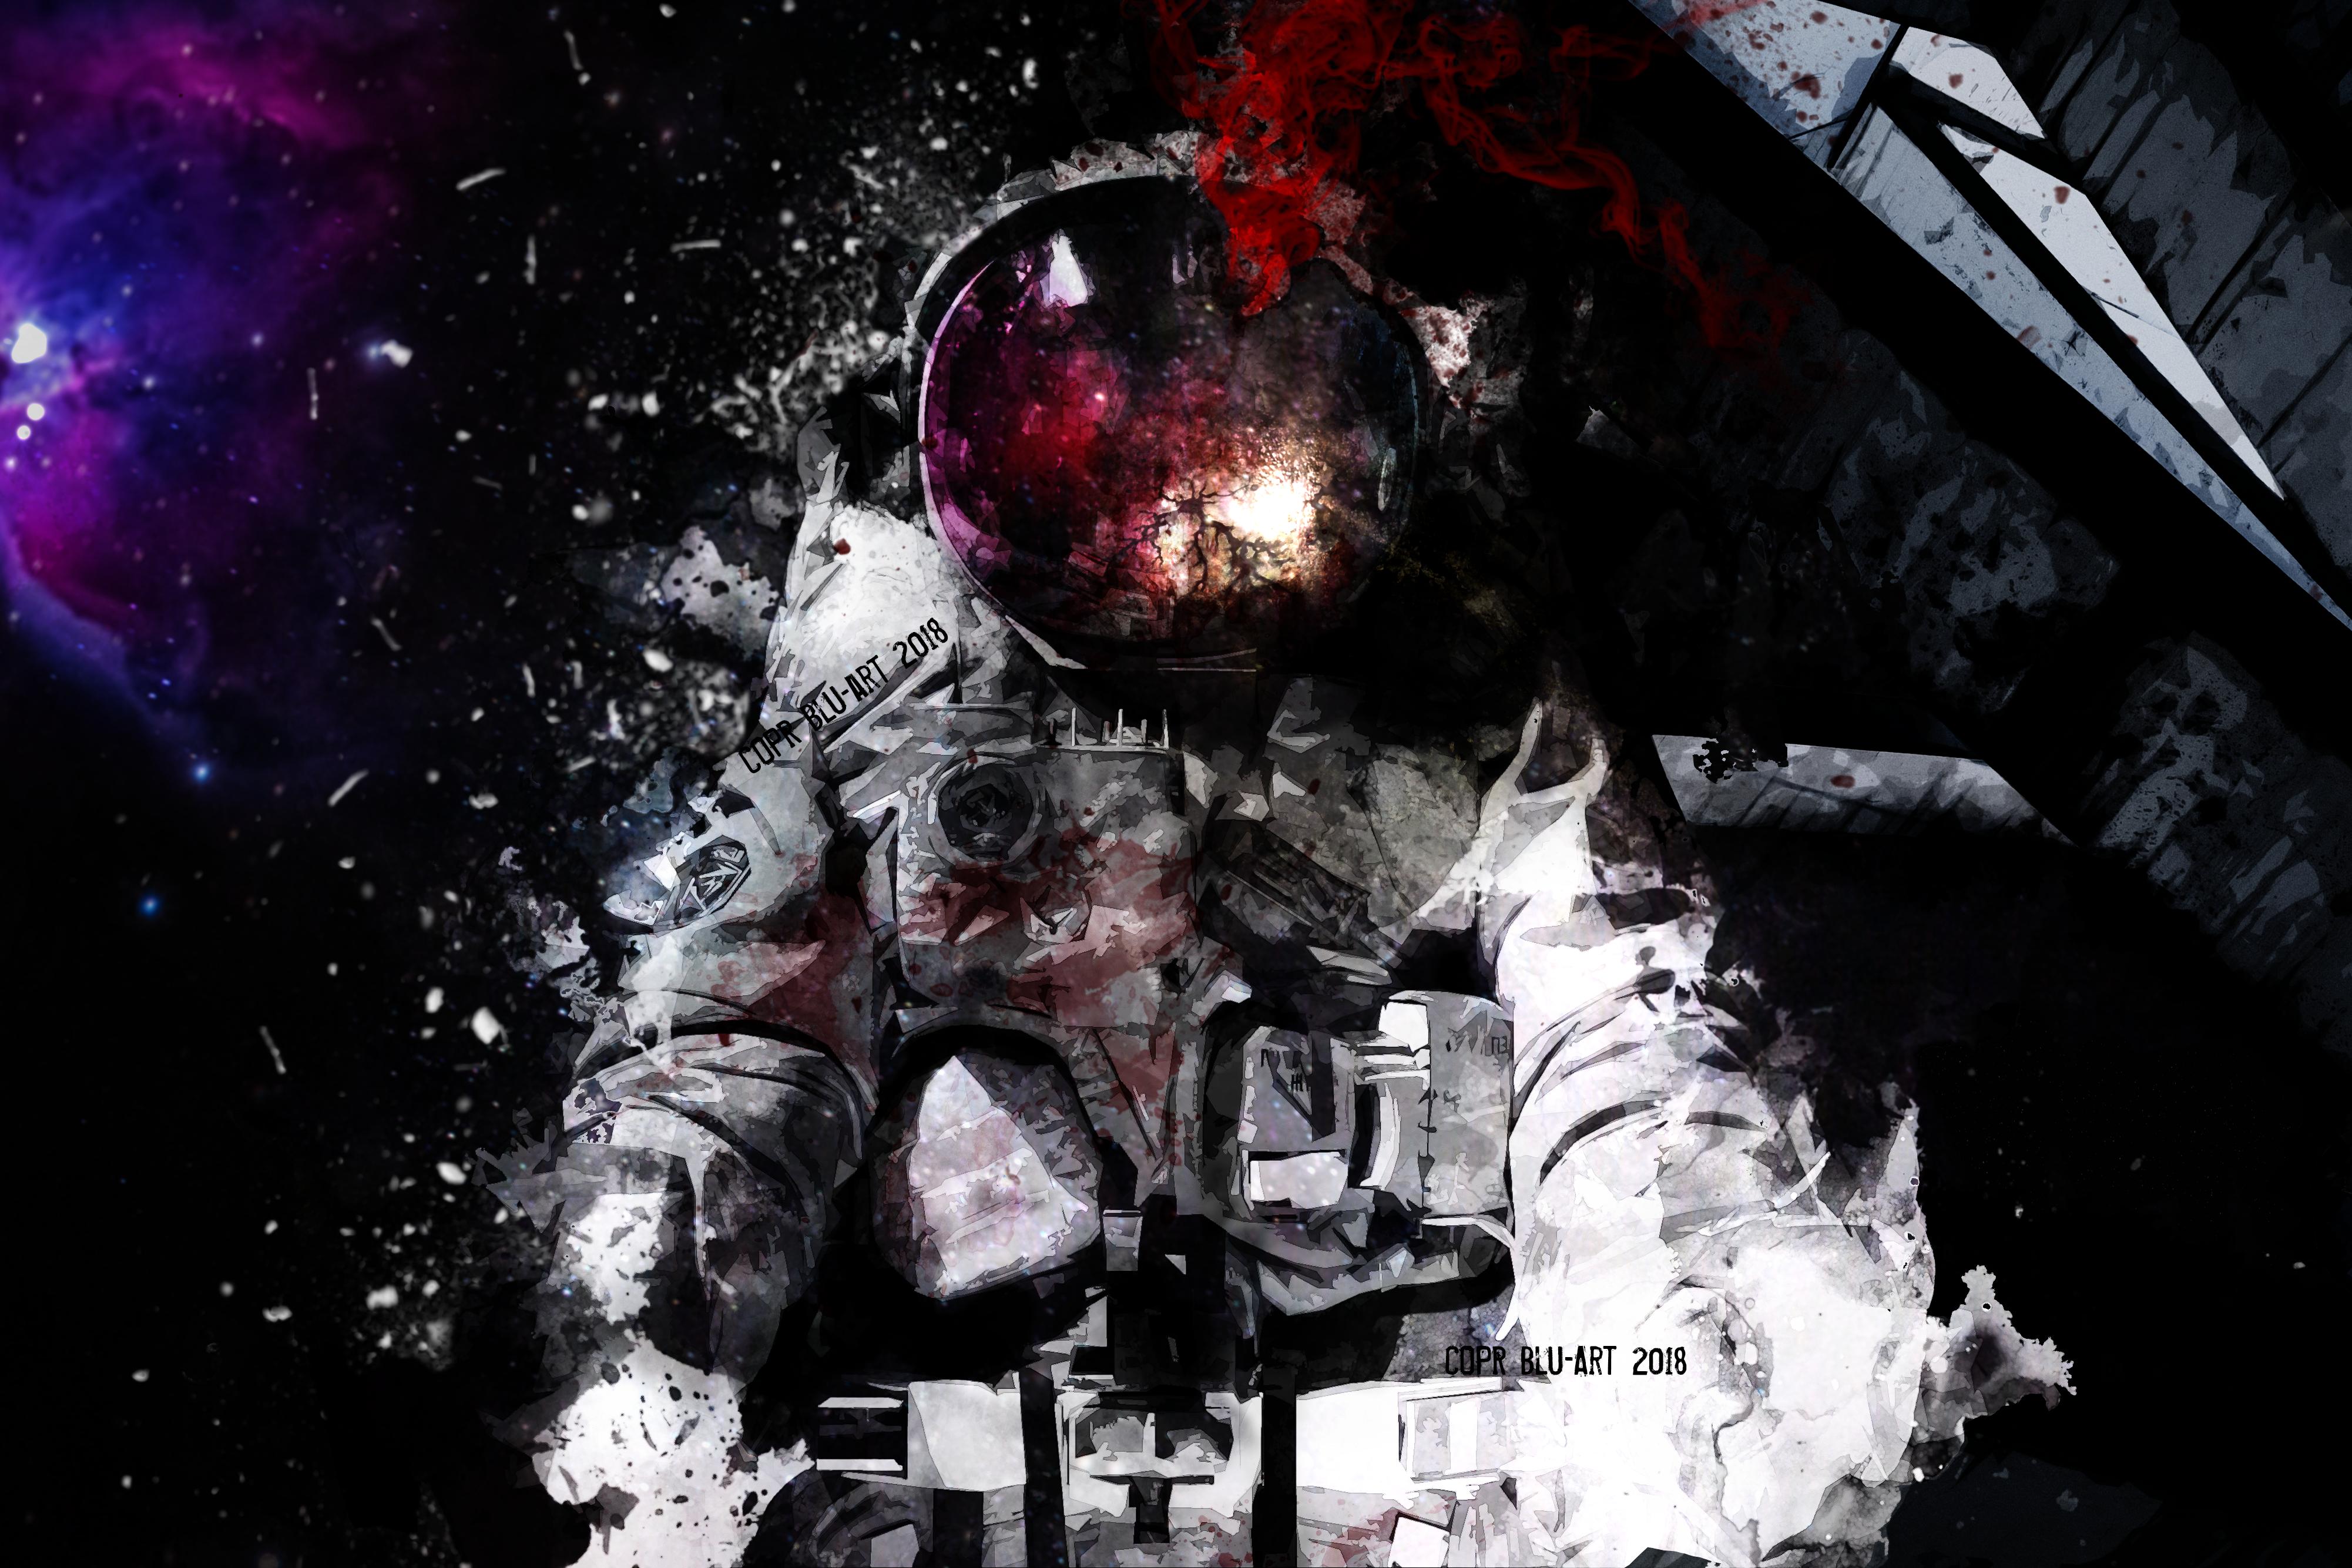 Astro-Soldiercopr